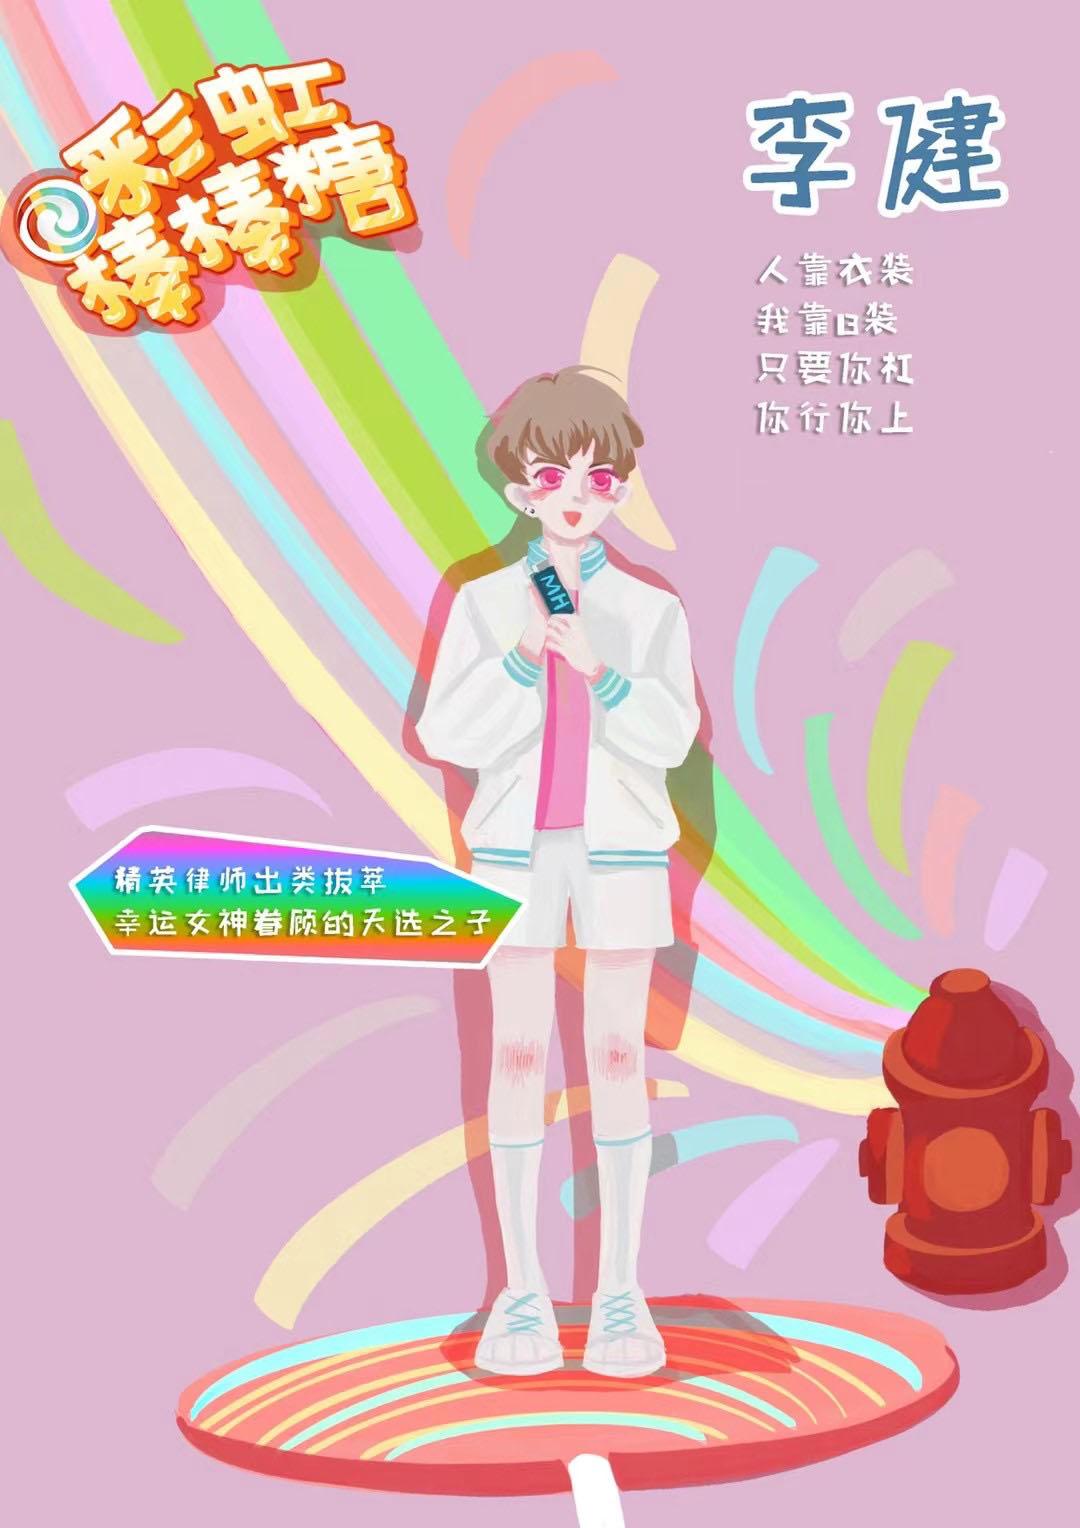 『彩虹棒棒糖』剧本杀复盘/真相解析/凶手是谁/主持人手册